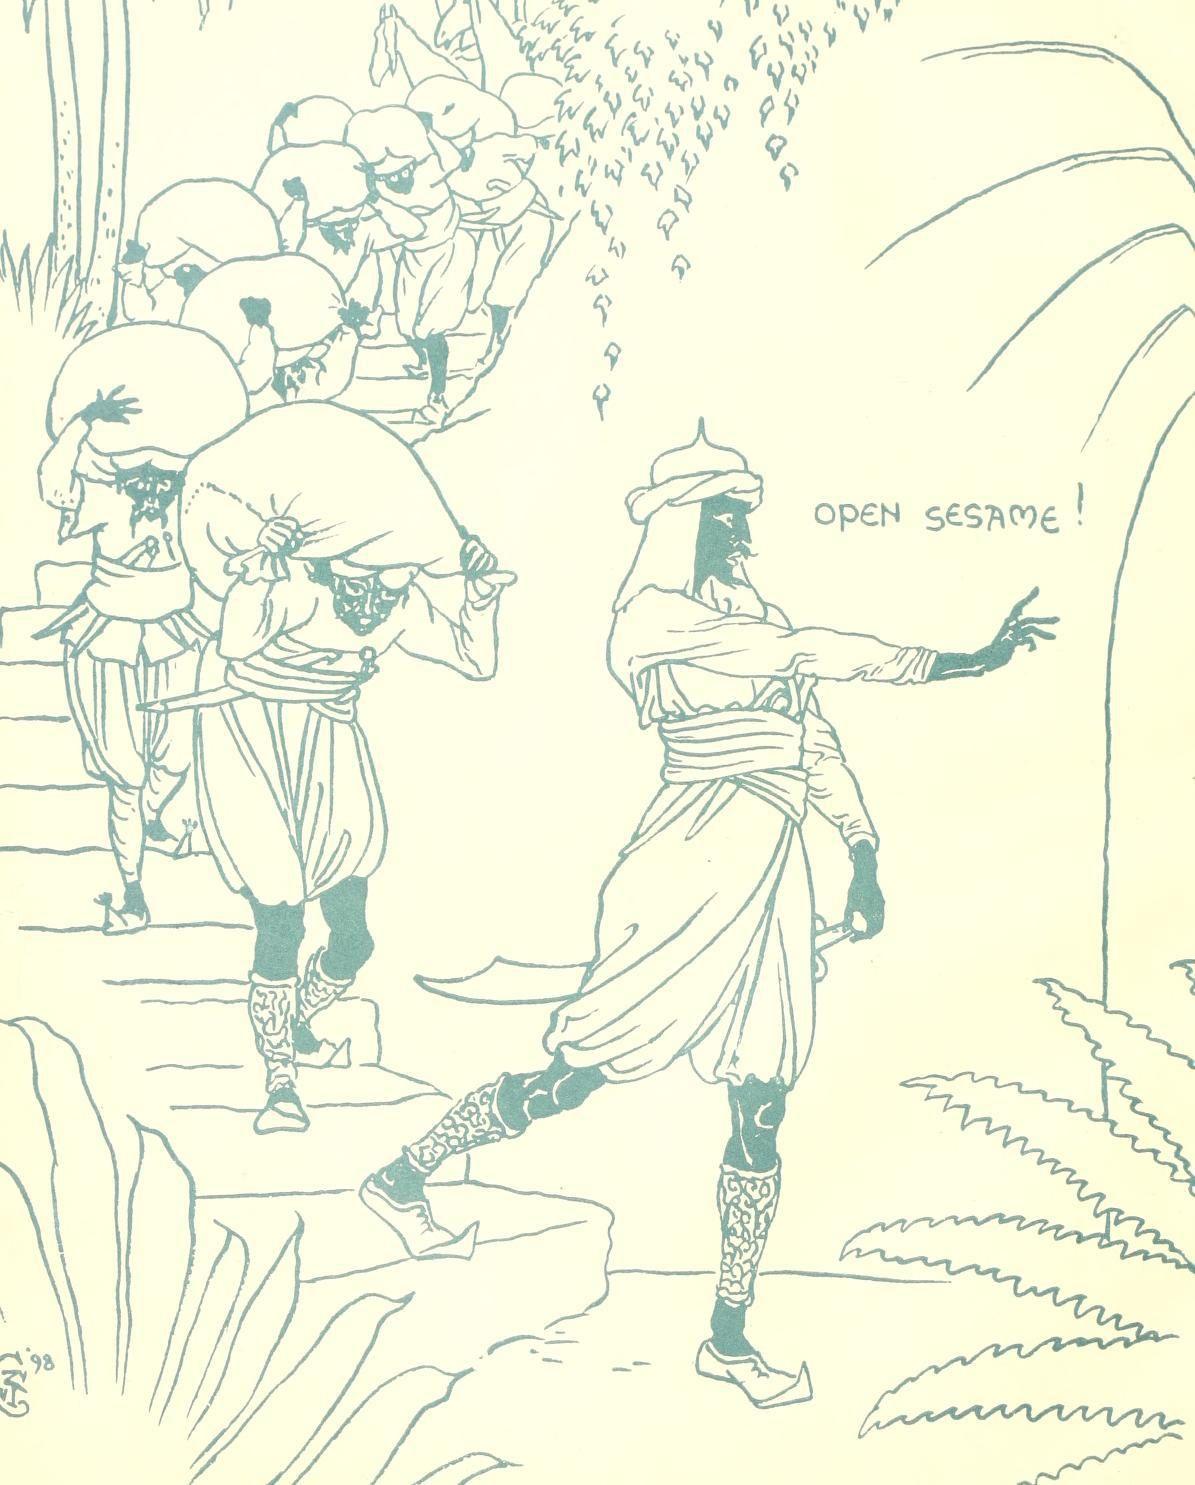 盗賊 の と アリババ 人 40